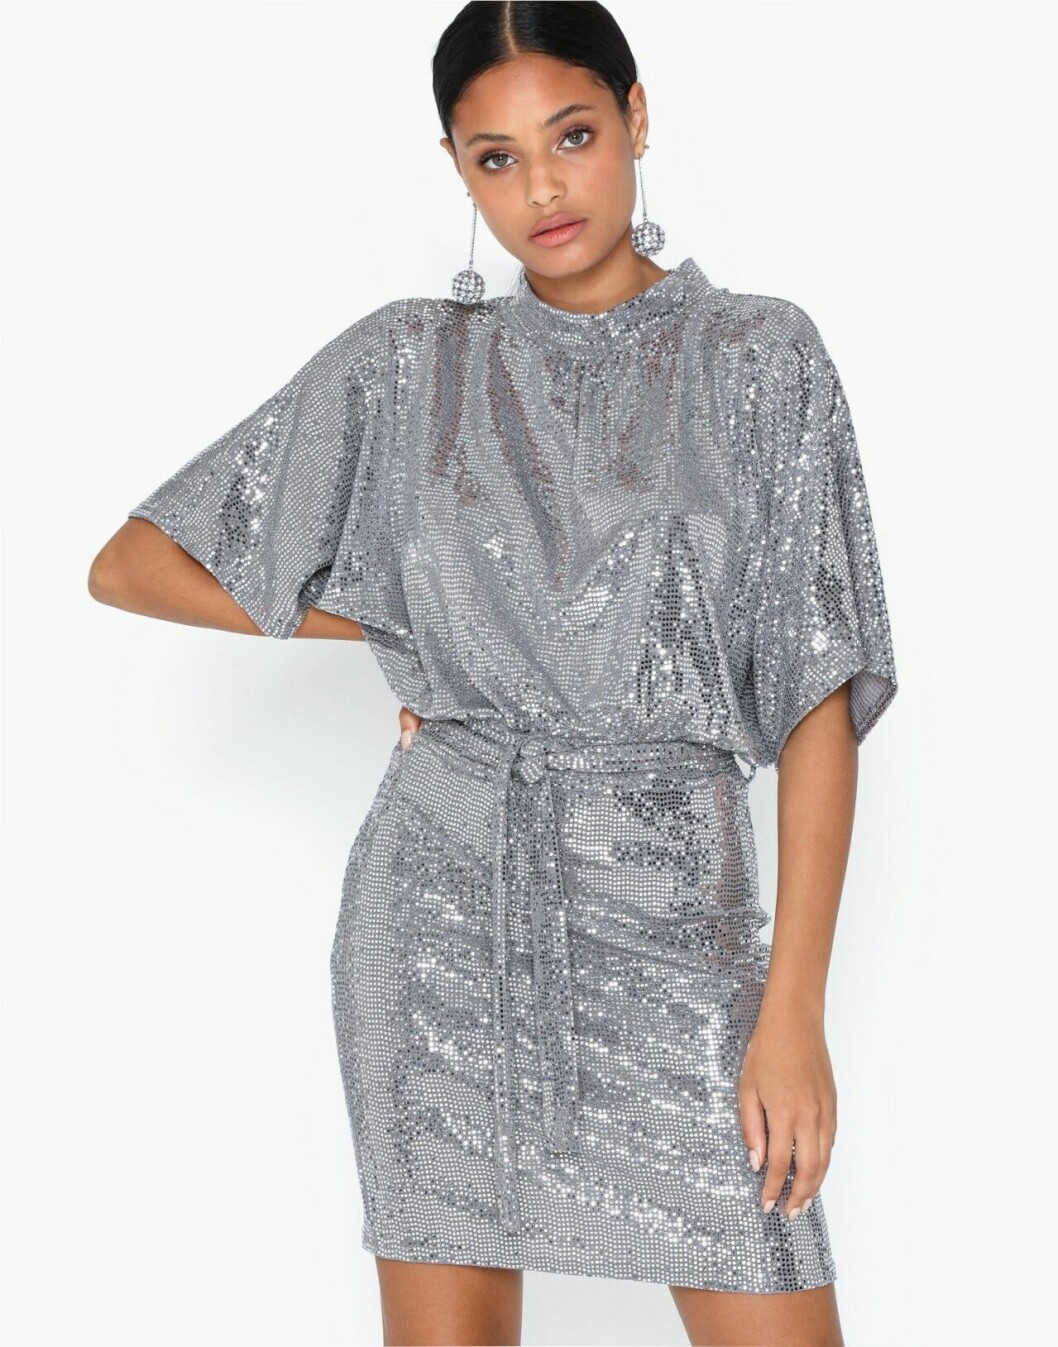 Silverfärgad paljettklänning till festen